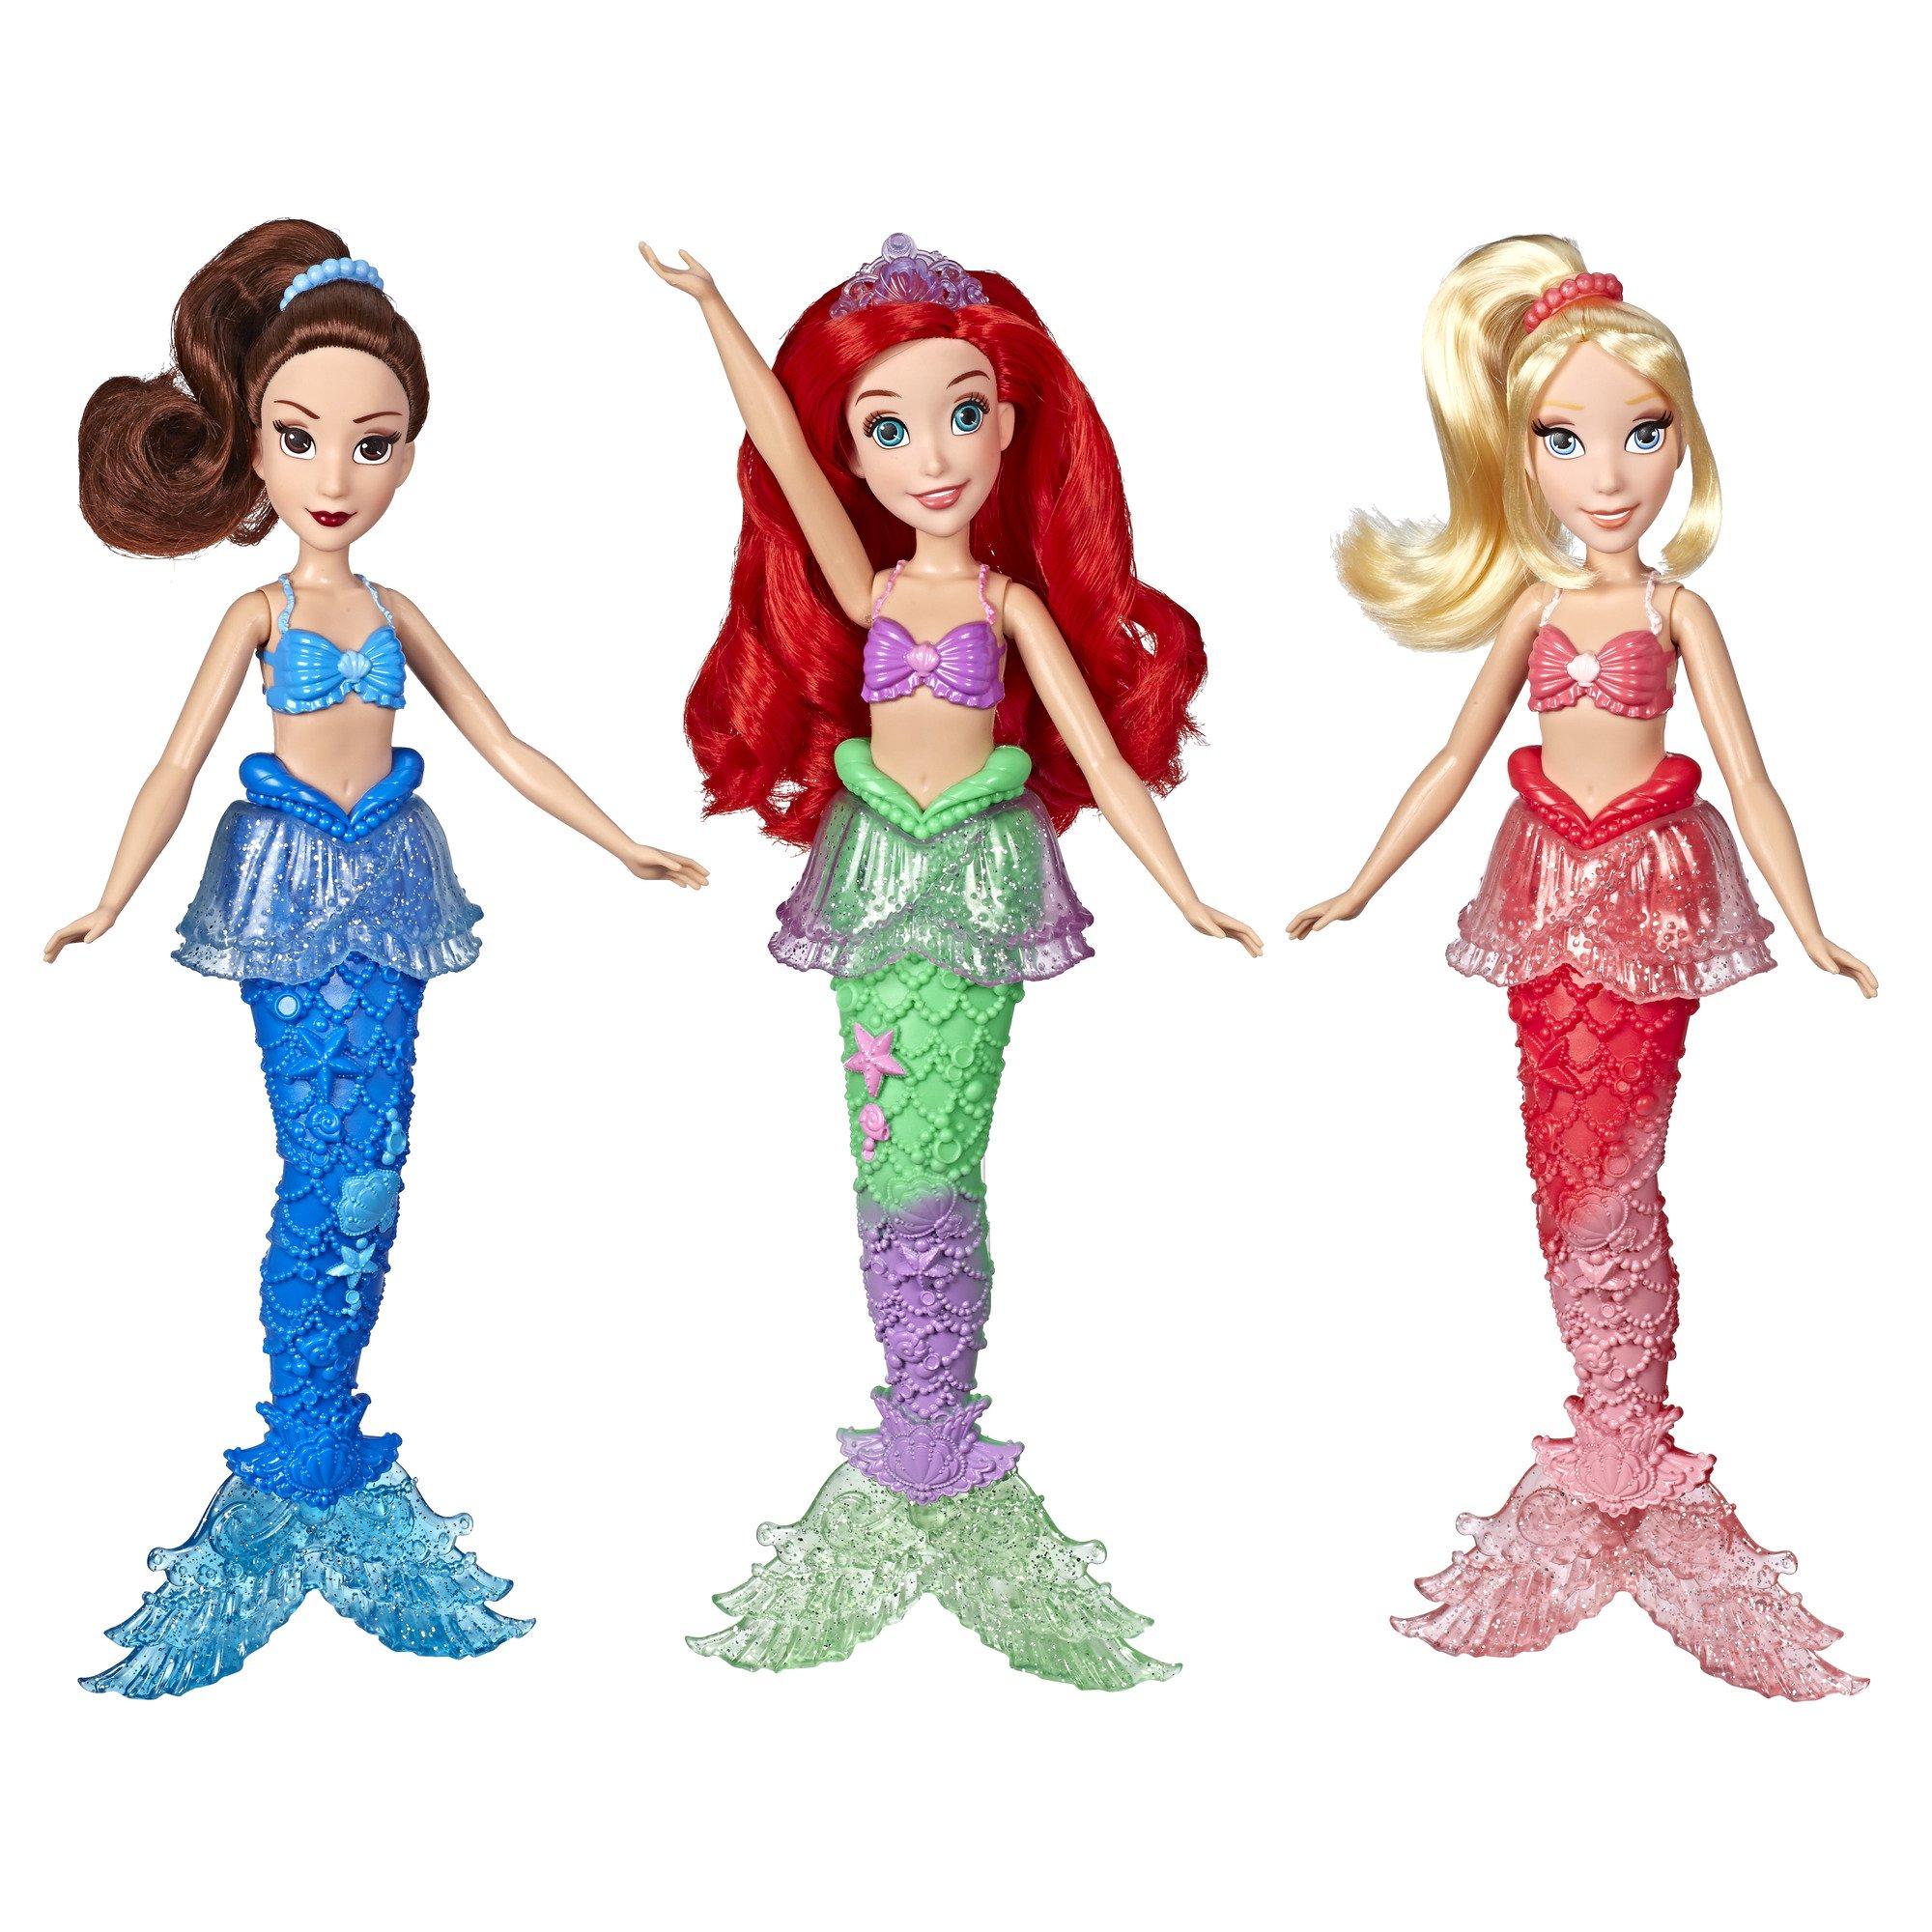 File:Disney Princess Ariel and Sisters.jpg